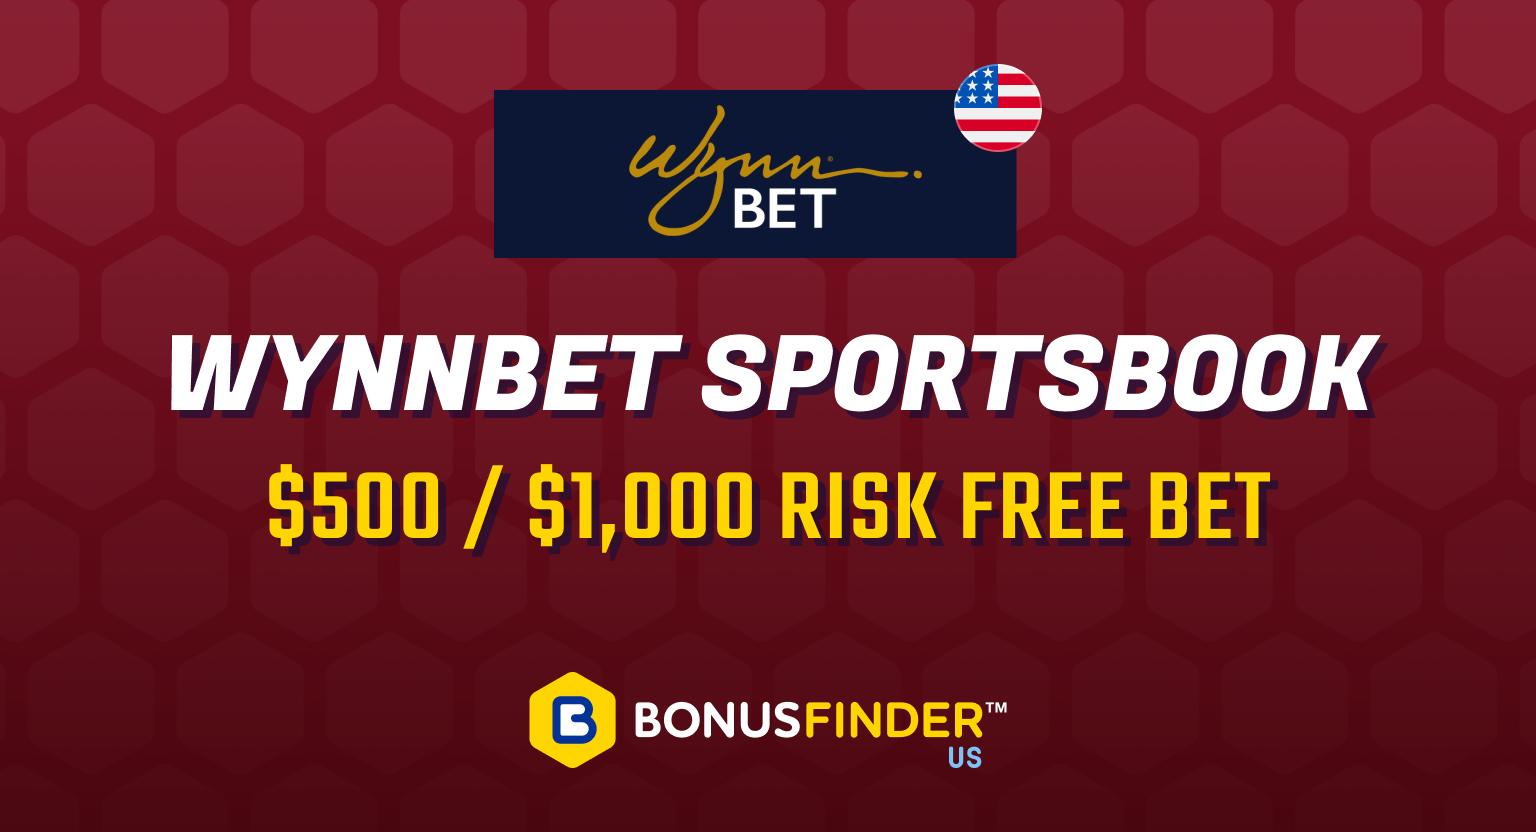 Wynn Risk Free Bet